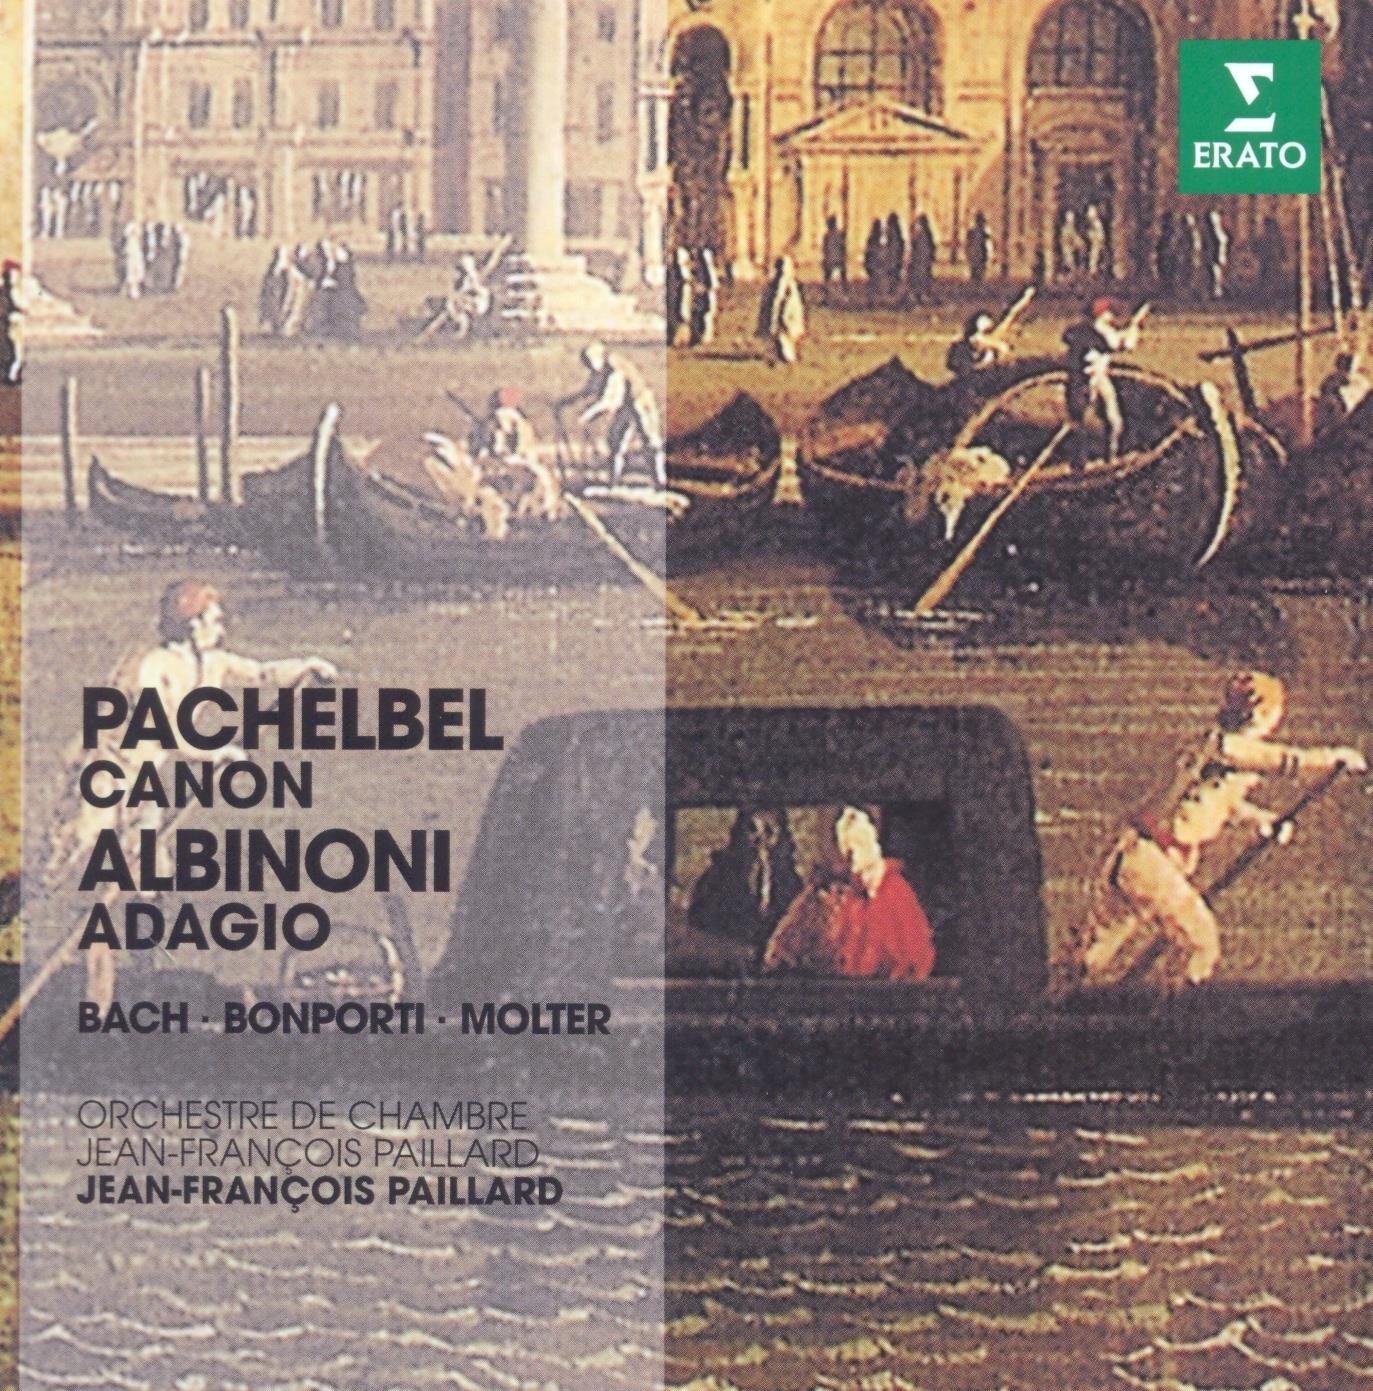 Albinoni-Pachelbel : Adagio / Canon by RHIP2